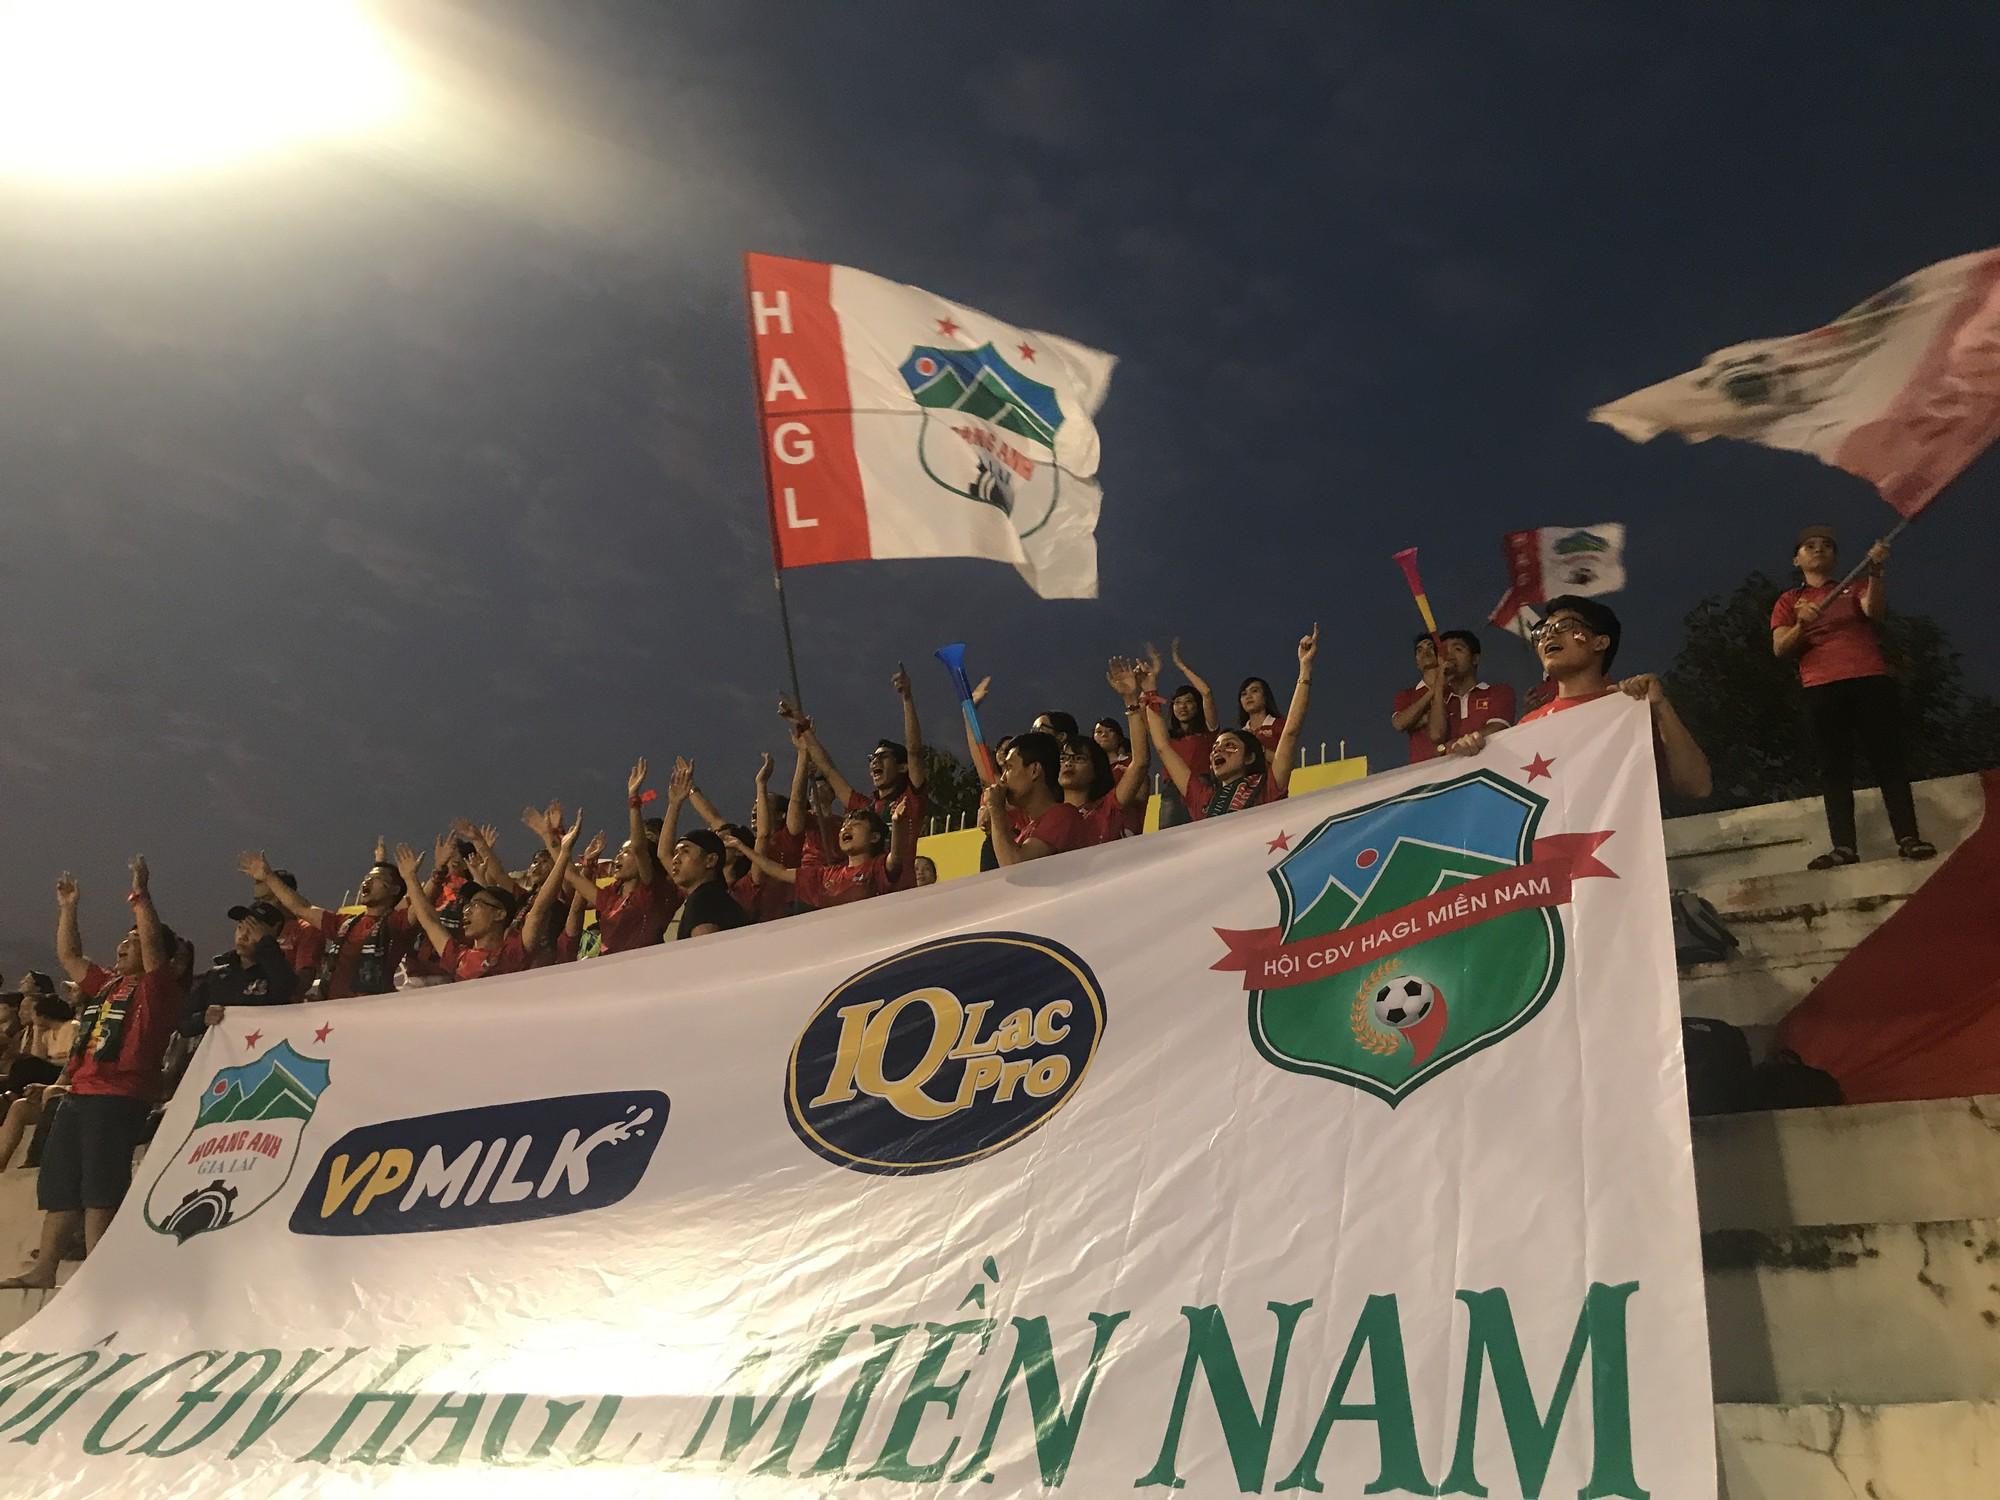 Thắng đậm Viettel, lứa đàn em Công Phượng vô địch giải U21 Quốc gia 2017 - Ảnh 3.